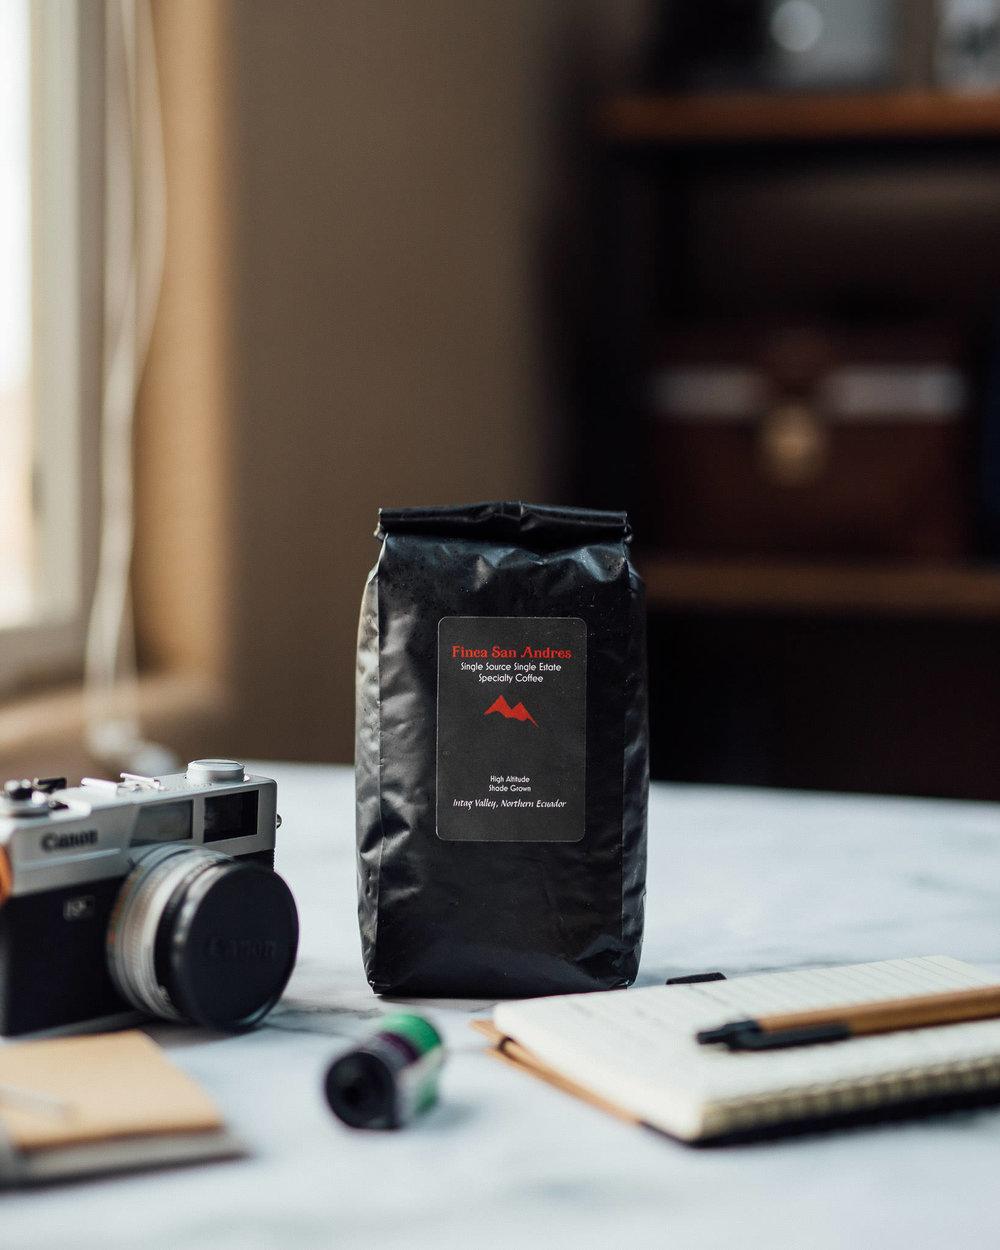 Finca San Andres whole bean specialty coffee from Ecuador